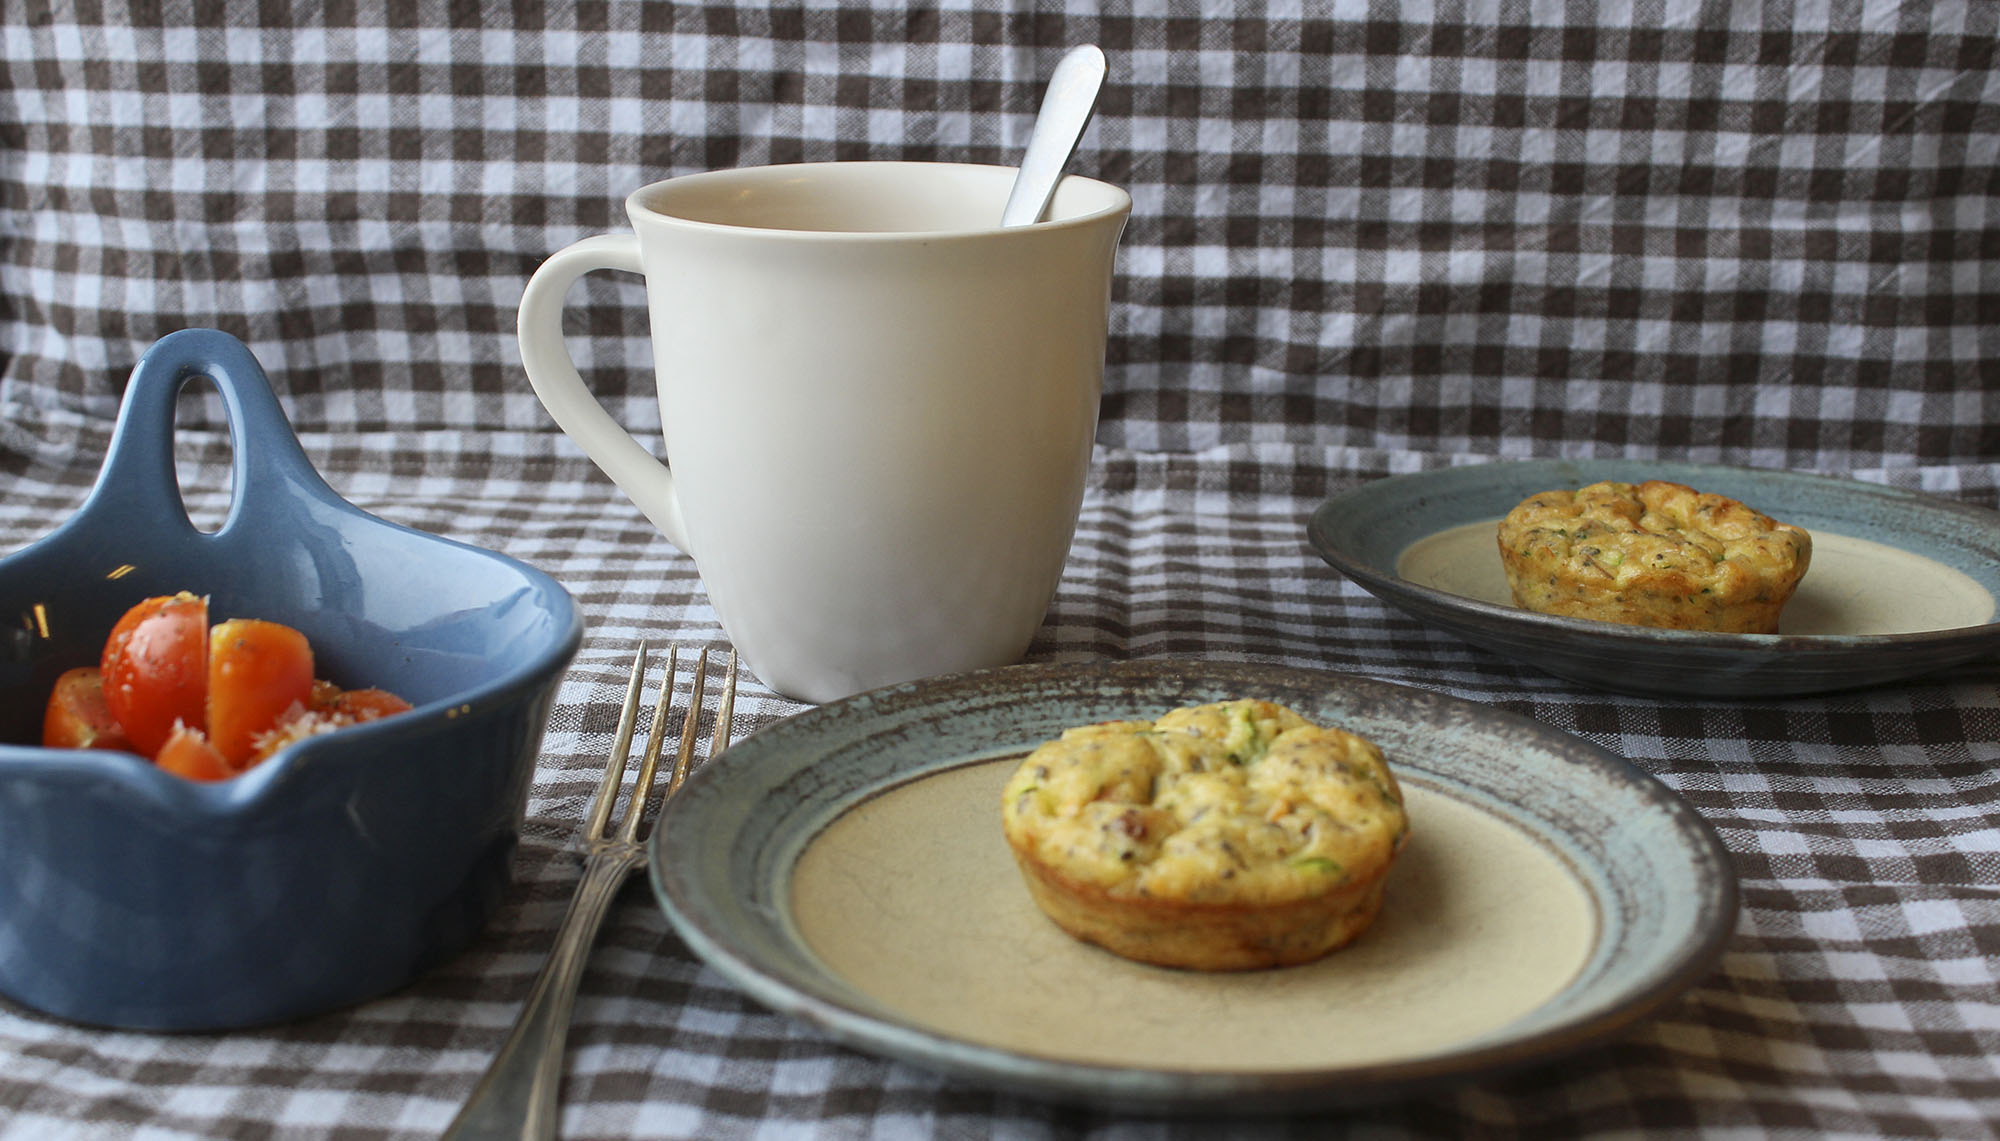 Hurtig lchf-morgenmad: Squashmuffins med bacon og tomat